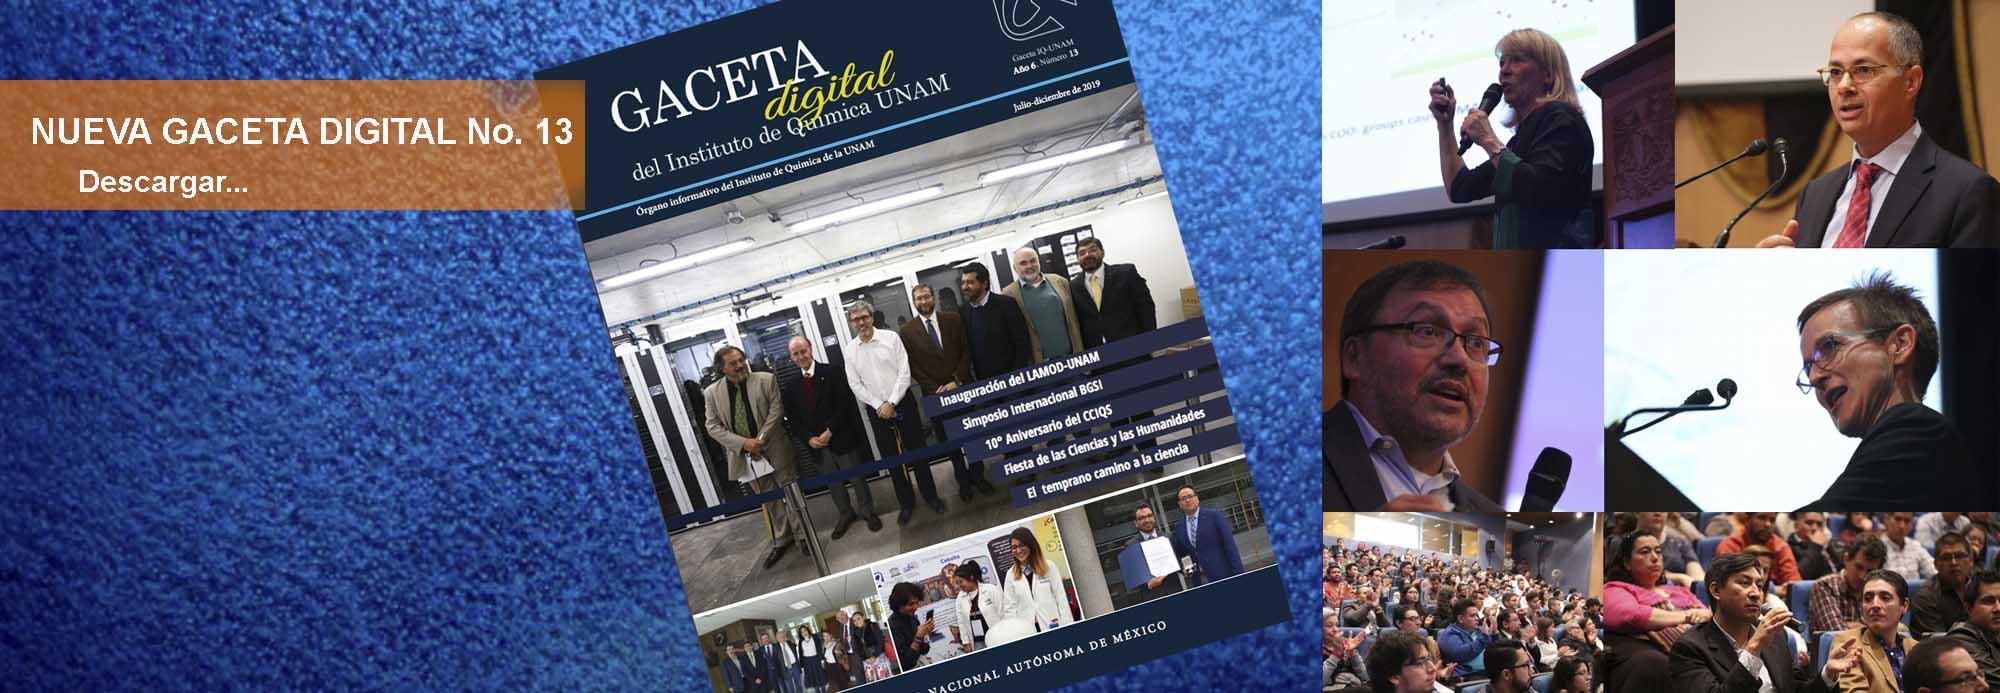 https://www.iquimica.unam.mx/IQWEB/gacetadigital/13_Gaceta_Digital_IQ_UNAM.pdf